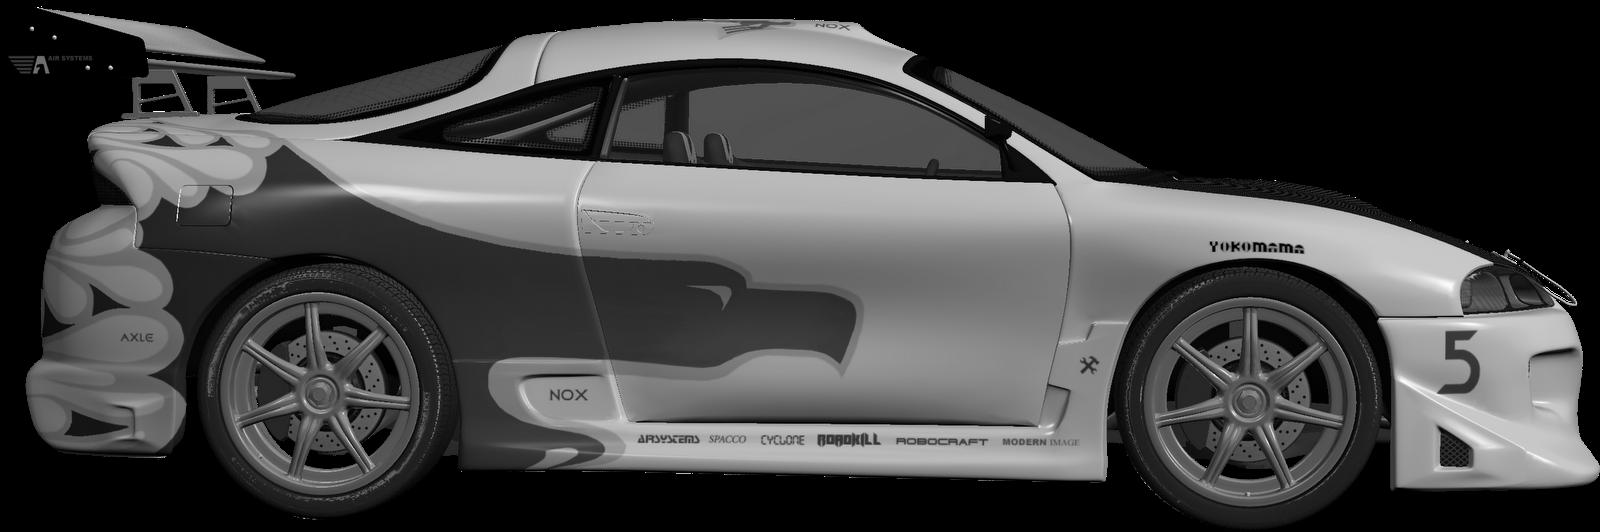 1600x532 15 Nascar Vector Race Car For Free Download On Mbtskoudsalg